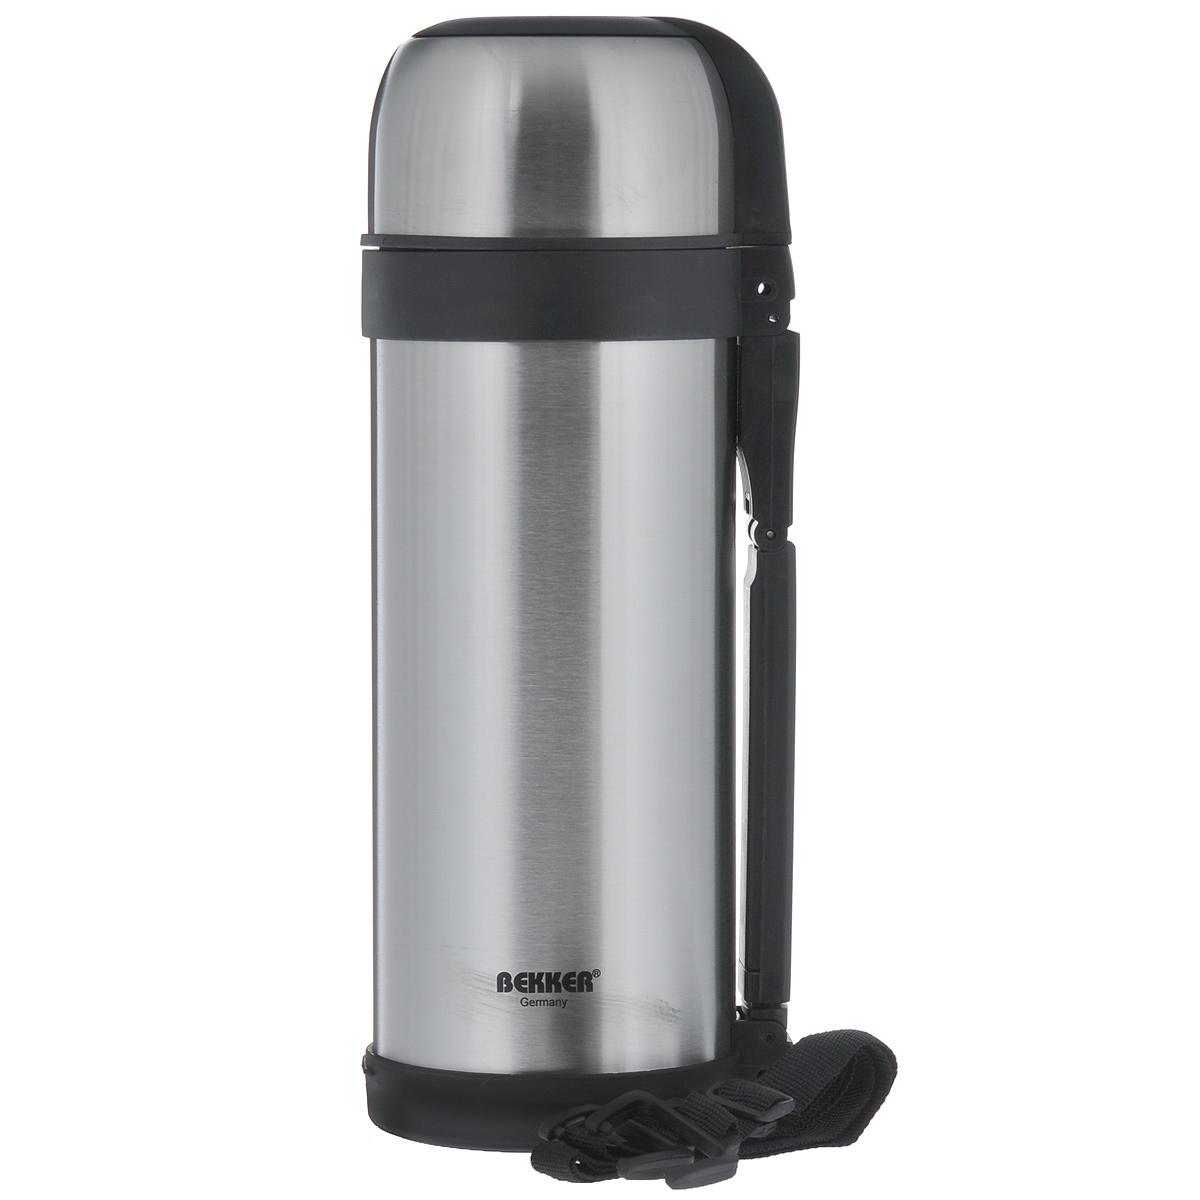 Термос Bekker, с широким горлом, 1,8 л. BK-79VT-1520(SR)Термос Bekker изготовлен из высококачественной нержавеющей стали 18/8. Он имеет небьющуюся внутреннюю колбу с двойной стенкой и изолированную крышку. Изделие оснащено вакуумной кнопкой для жидкости, а также удобной ручкой. Термос сохраняет напитки и пищу горячими и холодными долгое время. В комплекте ремень для переноски, что делает использование термоса легким и удобным.Легкий и прочный термос Bekker идеально подойдет для транспортировки и путешествий.